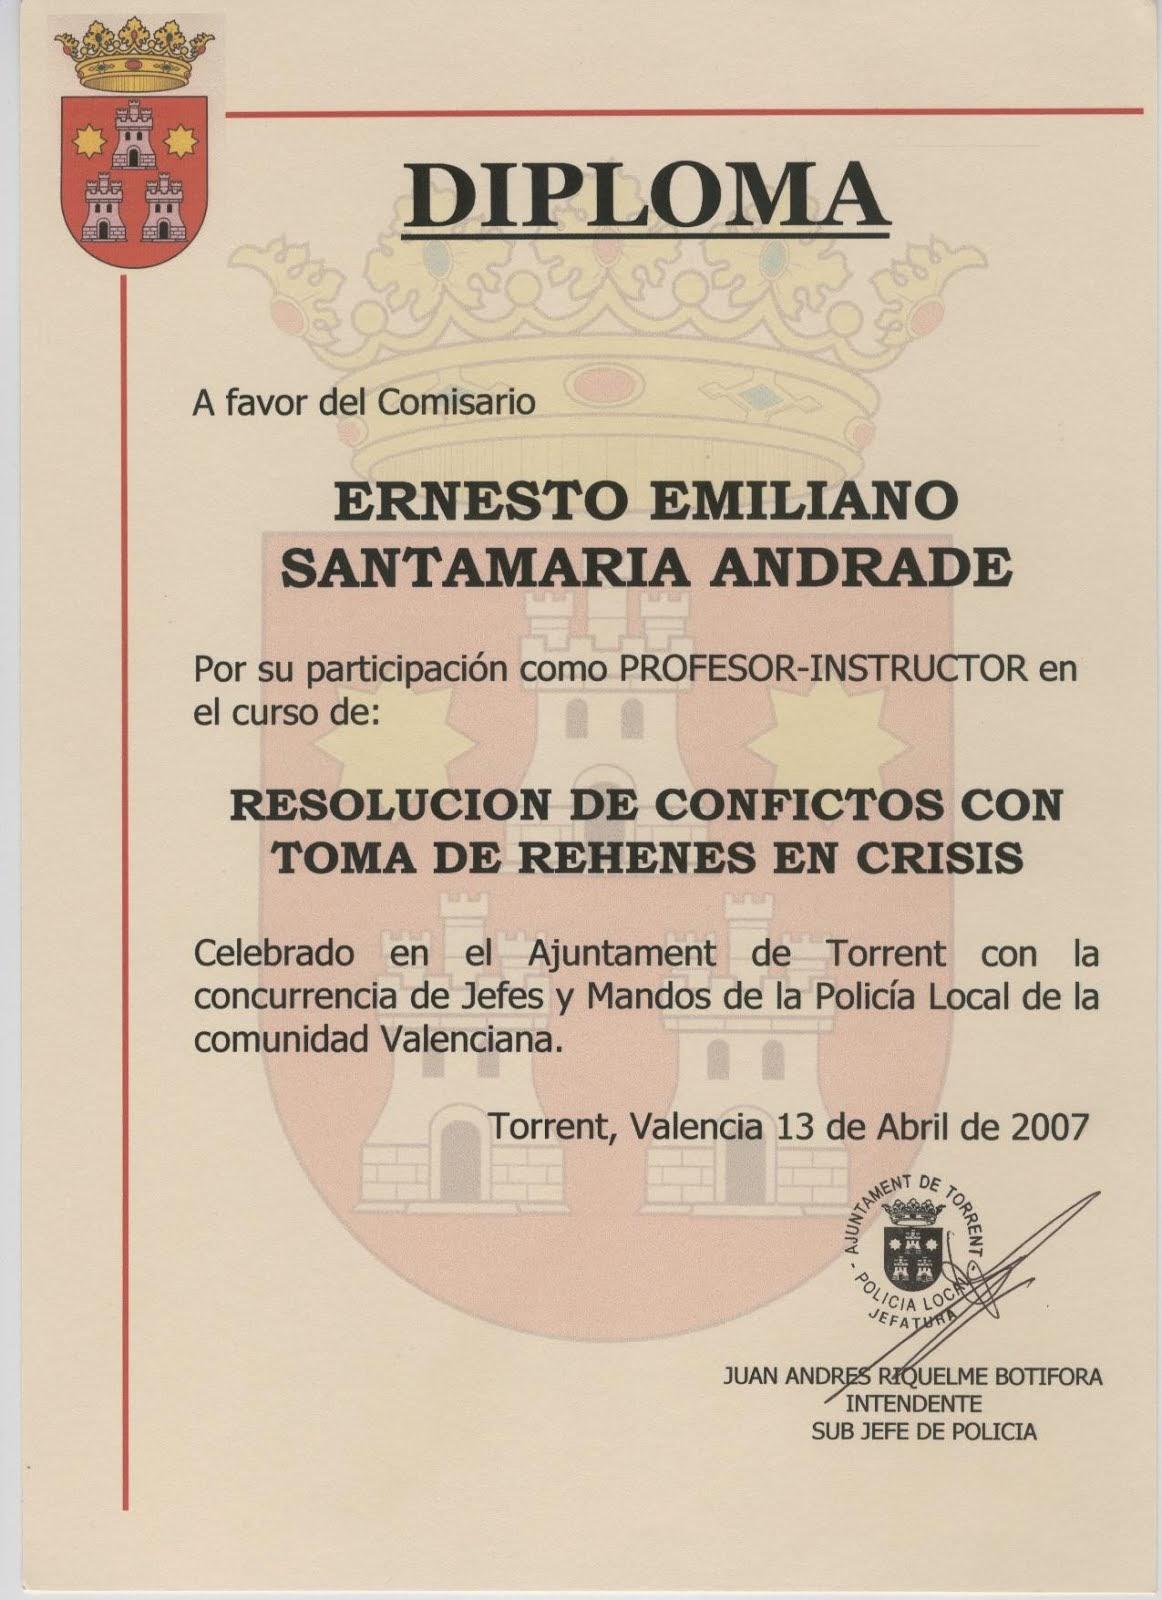 EL COMISARIO ERNESTO SANTAMARIA PROFESOR DE LA POLICÍA LOCAL DE COMUNIDAD VALENCIANA